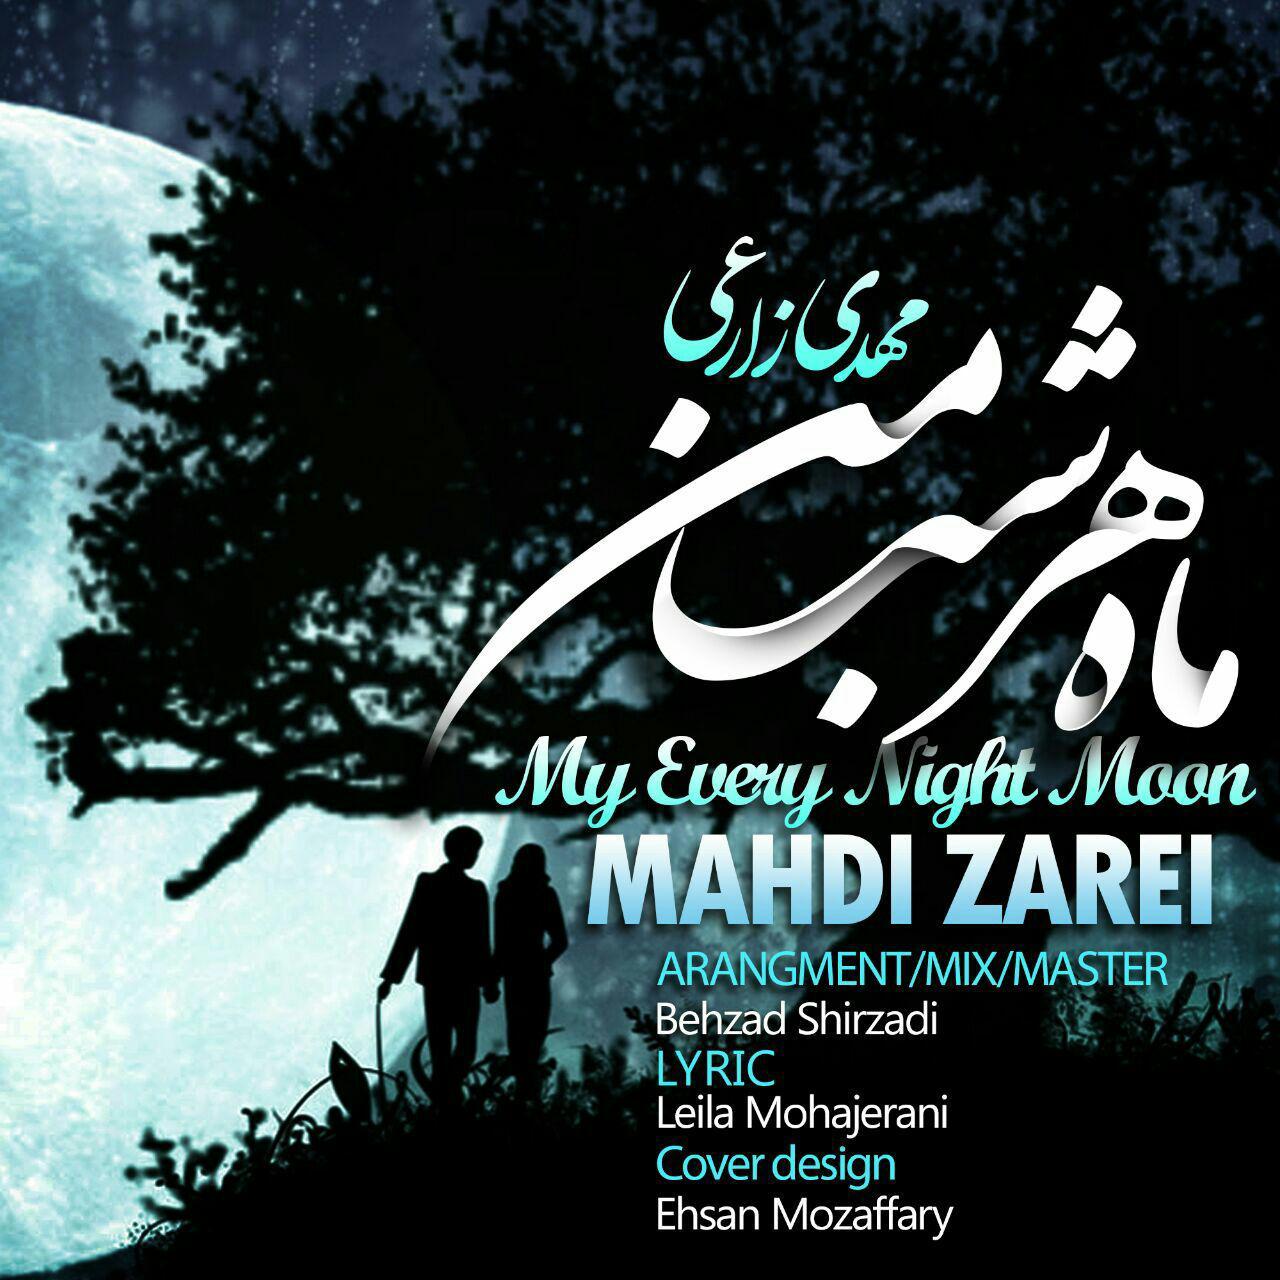 Mehdi Zarei – Mahe Har Shabe Man